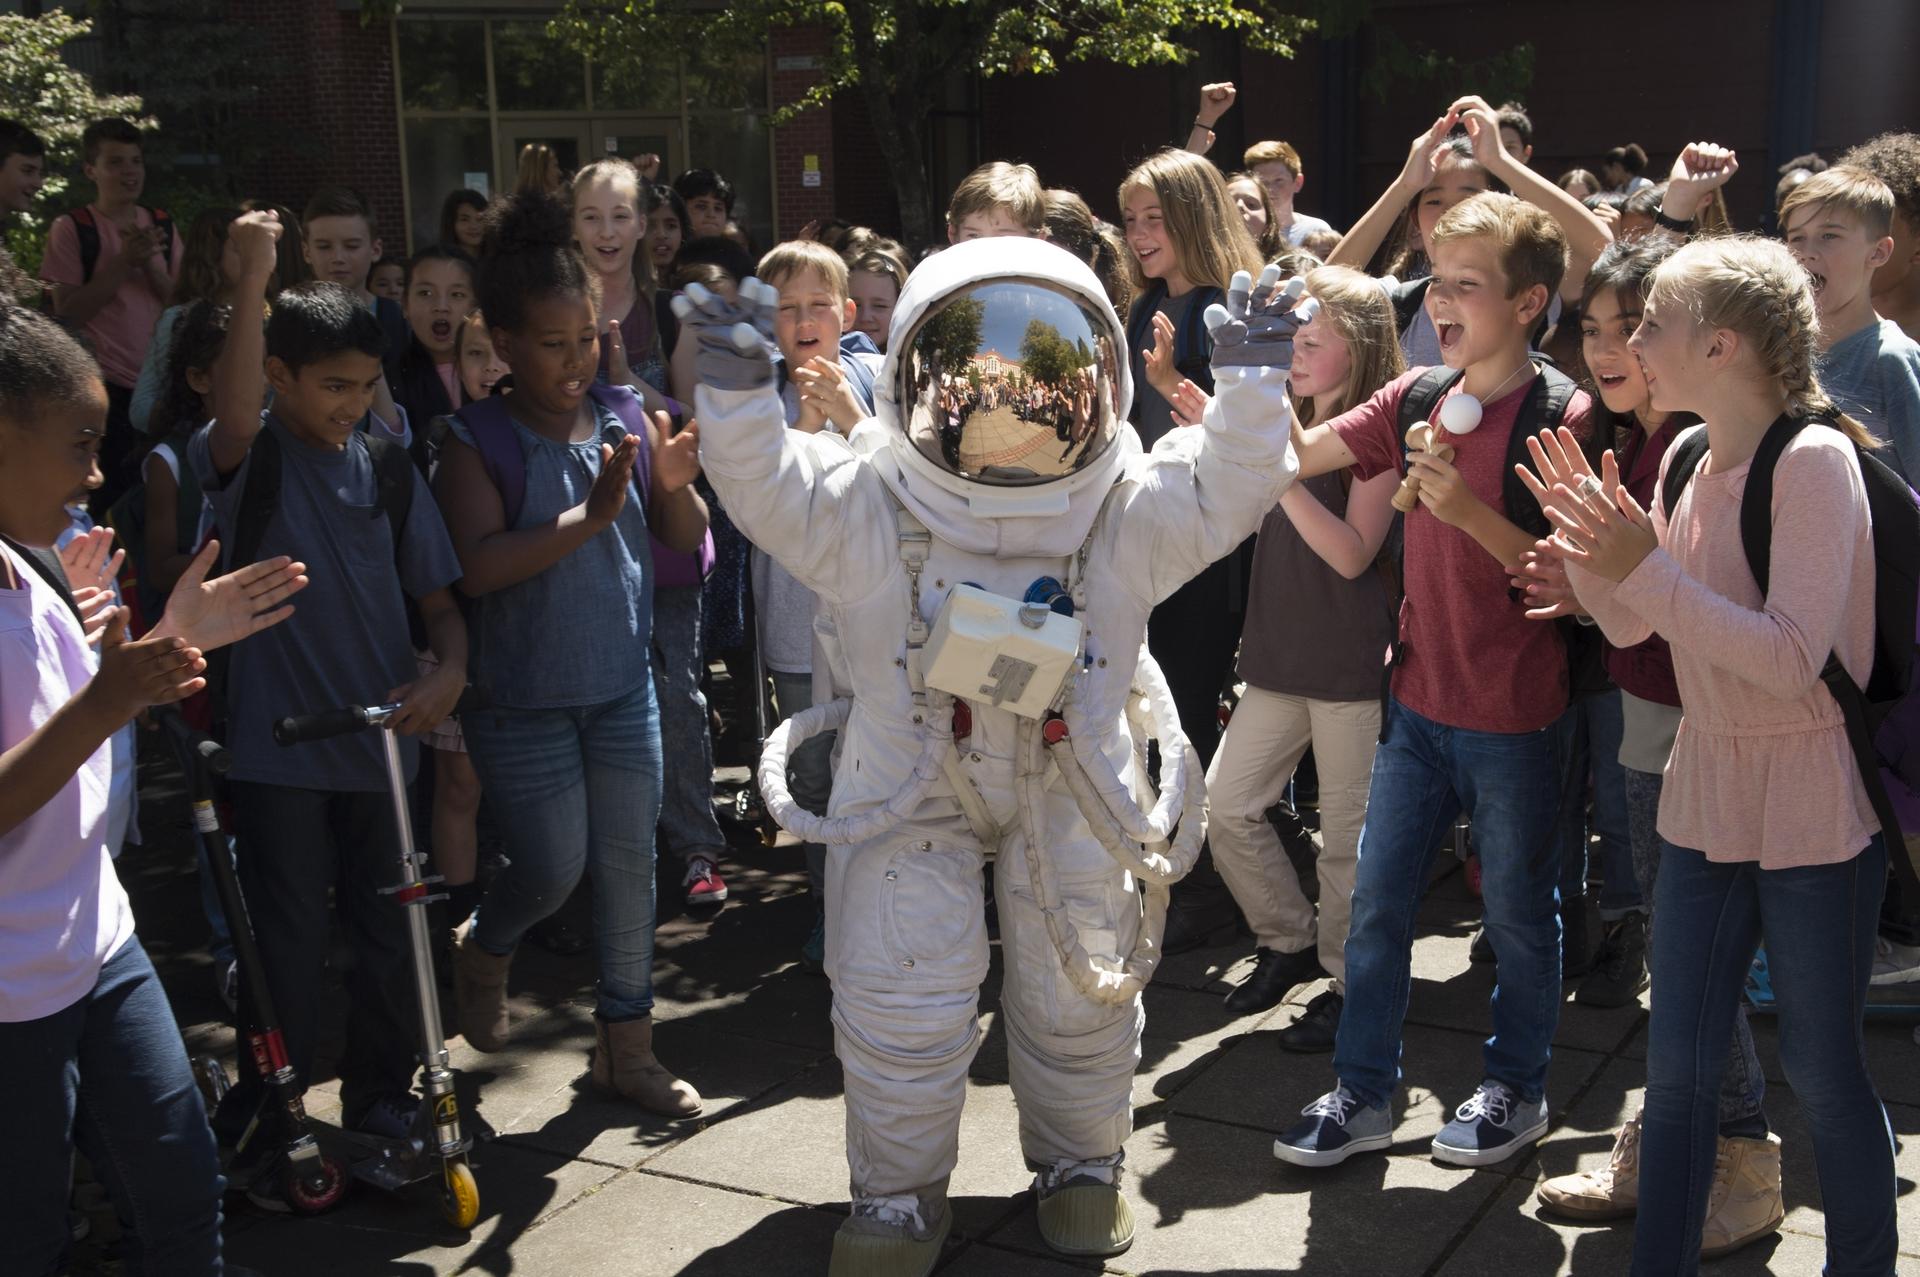 Imagem do filme Extraordinário (ou Wonder). Na imagem, Auggie usa uma roupa e capacete de astronauta e anda no meio dos outros alunos da escola, que o aclamam.